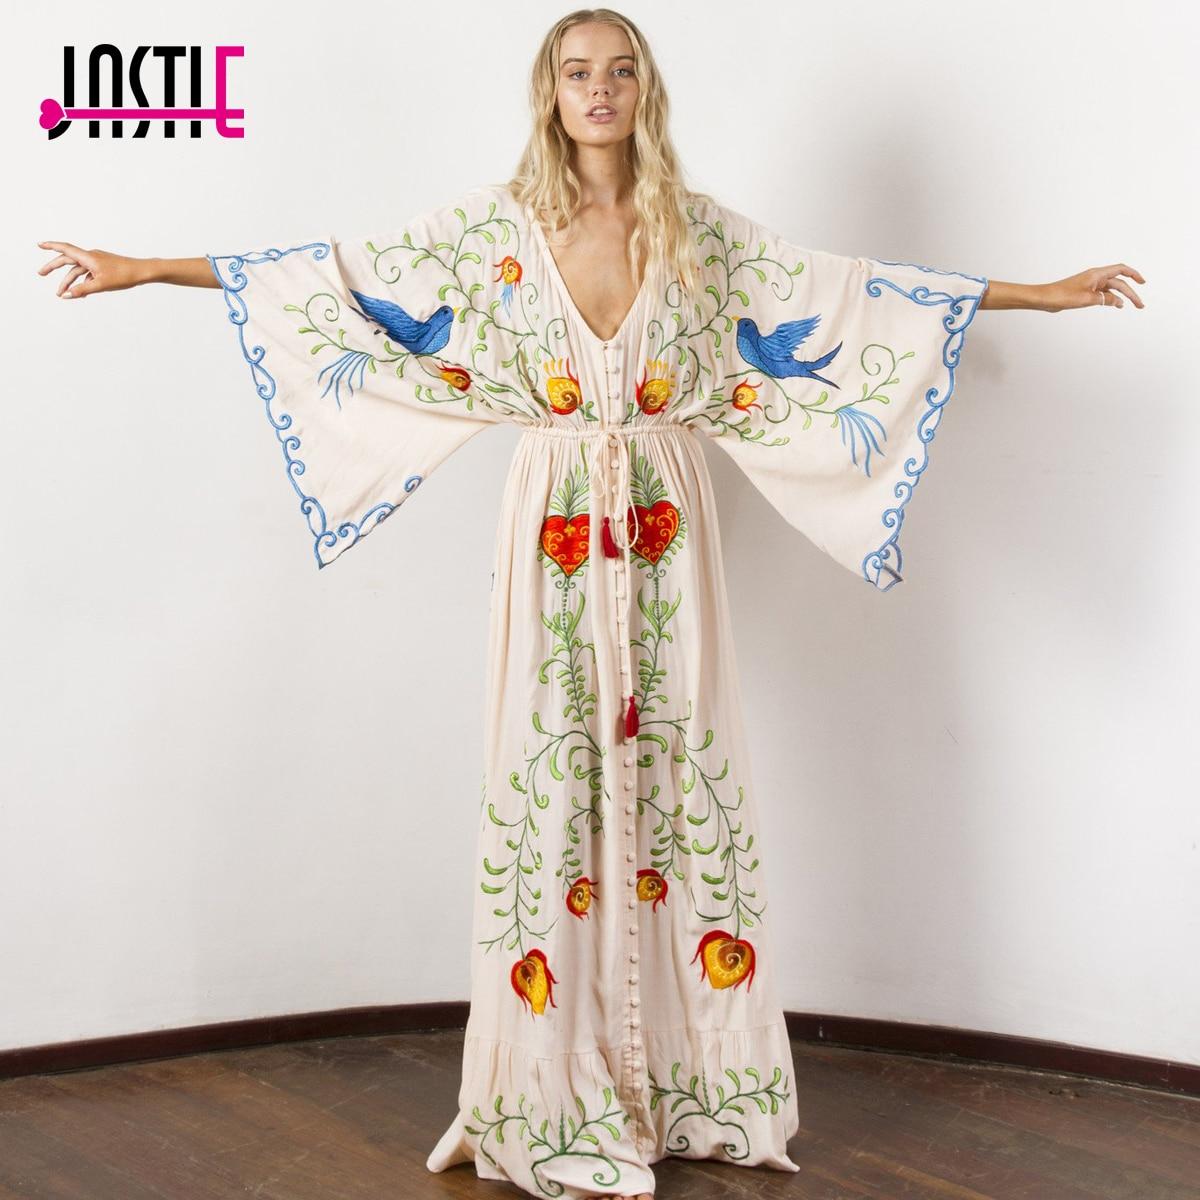 Jastie Bestickt Frauen Maxi Kleid V ausschnitt Batwing Hülse Lose Plus Größe Sommer Kleider Kordelzug Taille Boho Strand Vestidos-in Kleider aus Damenbekleidung bei  Gruppe 1